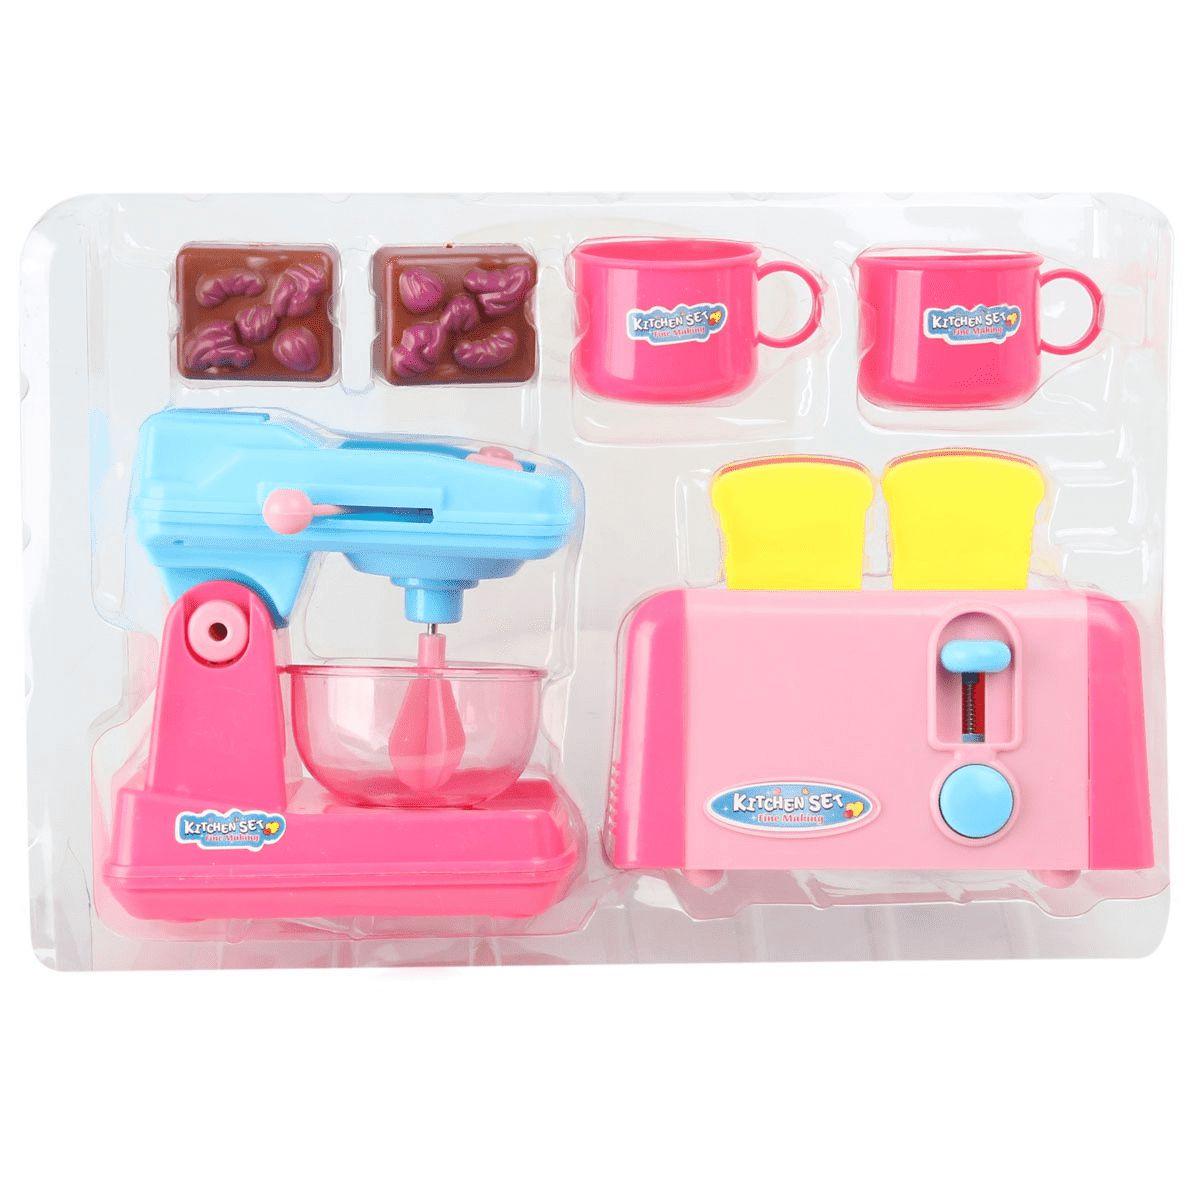 Купить Набор бытовой техники 82175 Veld Co., Детская кухня и аксессуары